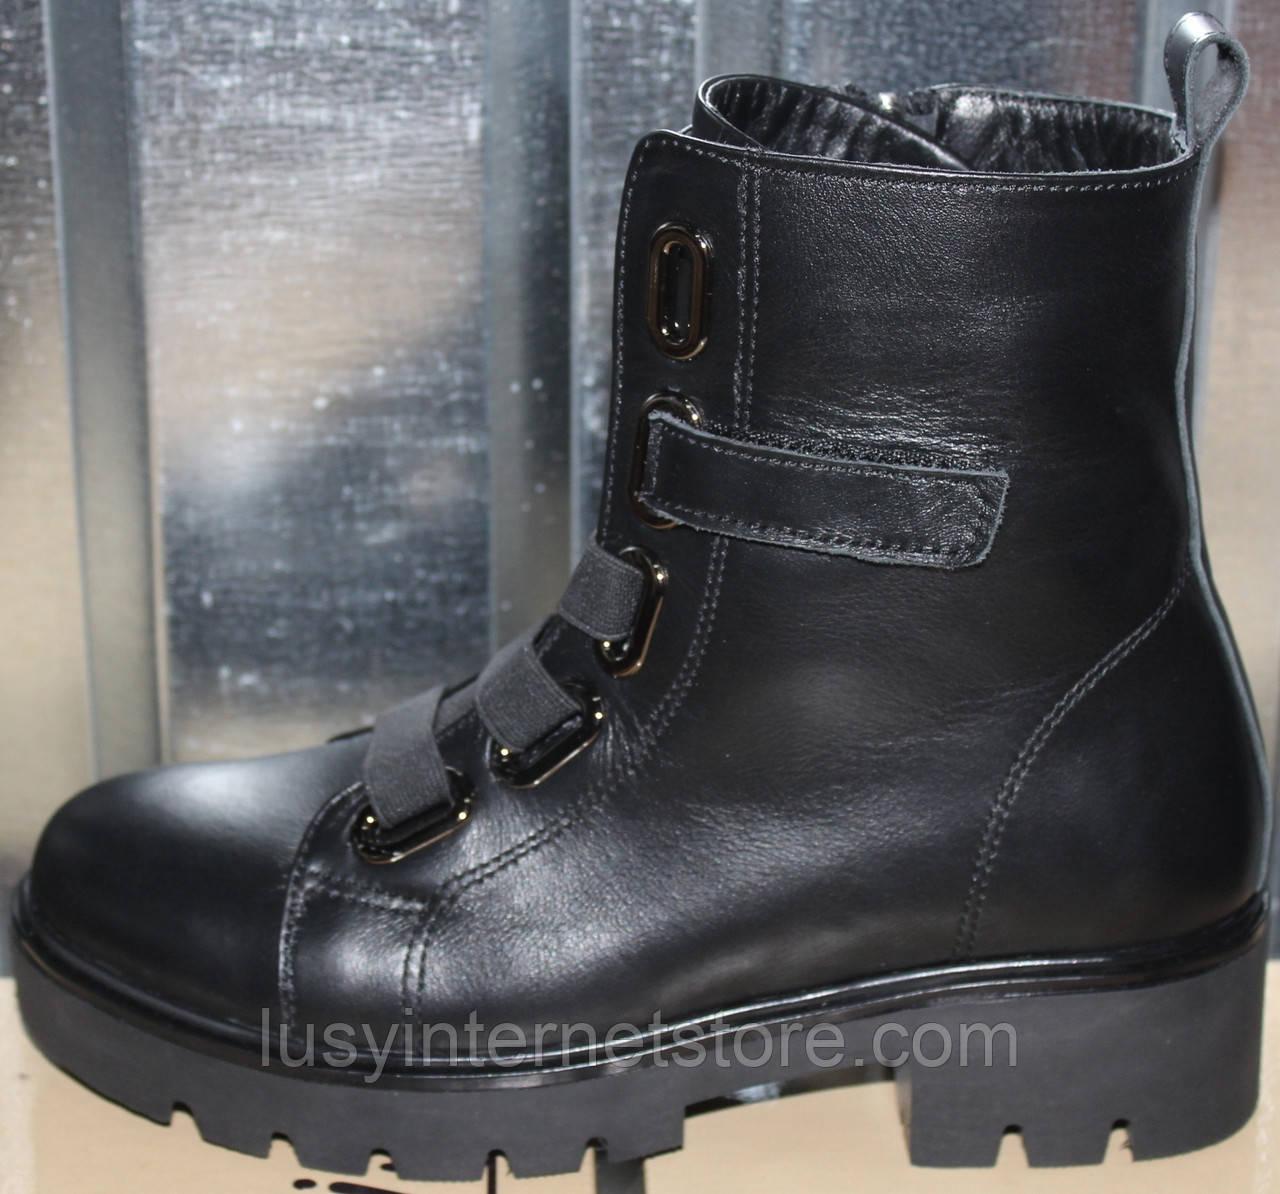 Ботинки женские зимние кожаные на низком каблуке от производителя модель РИА-6